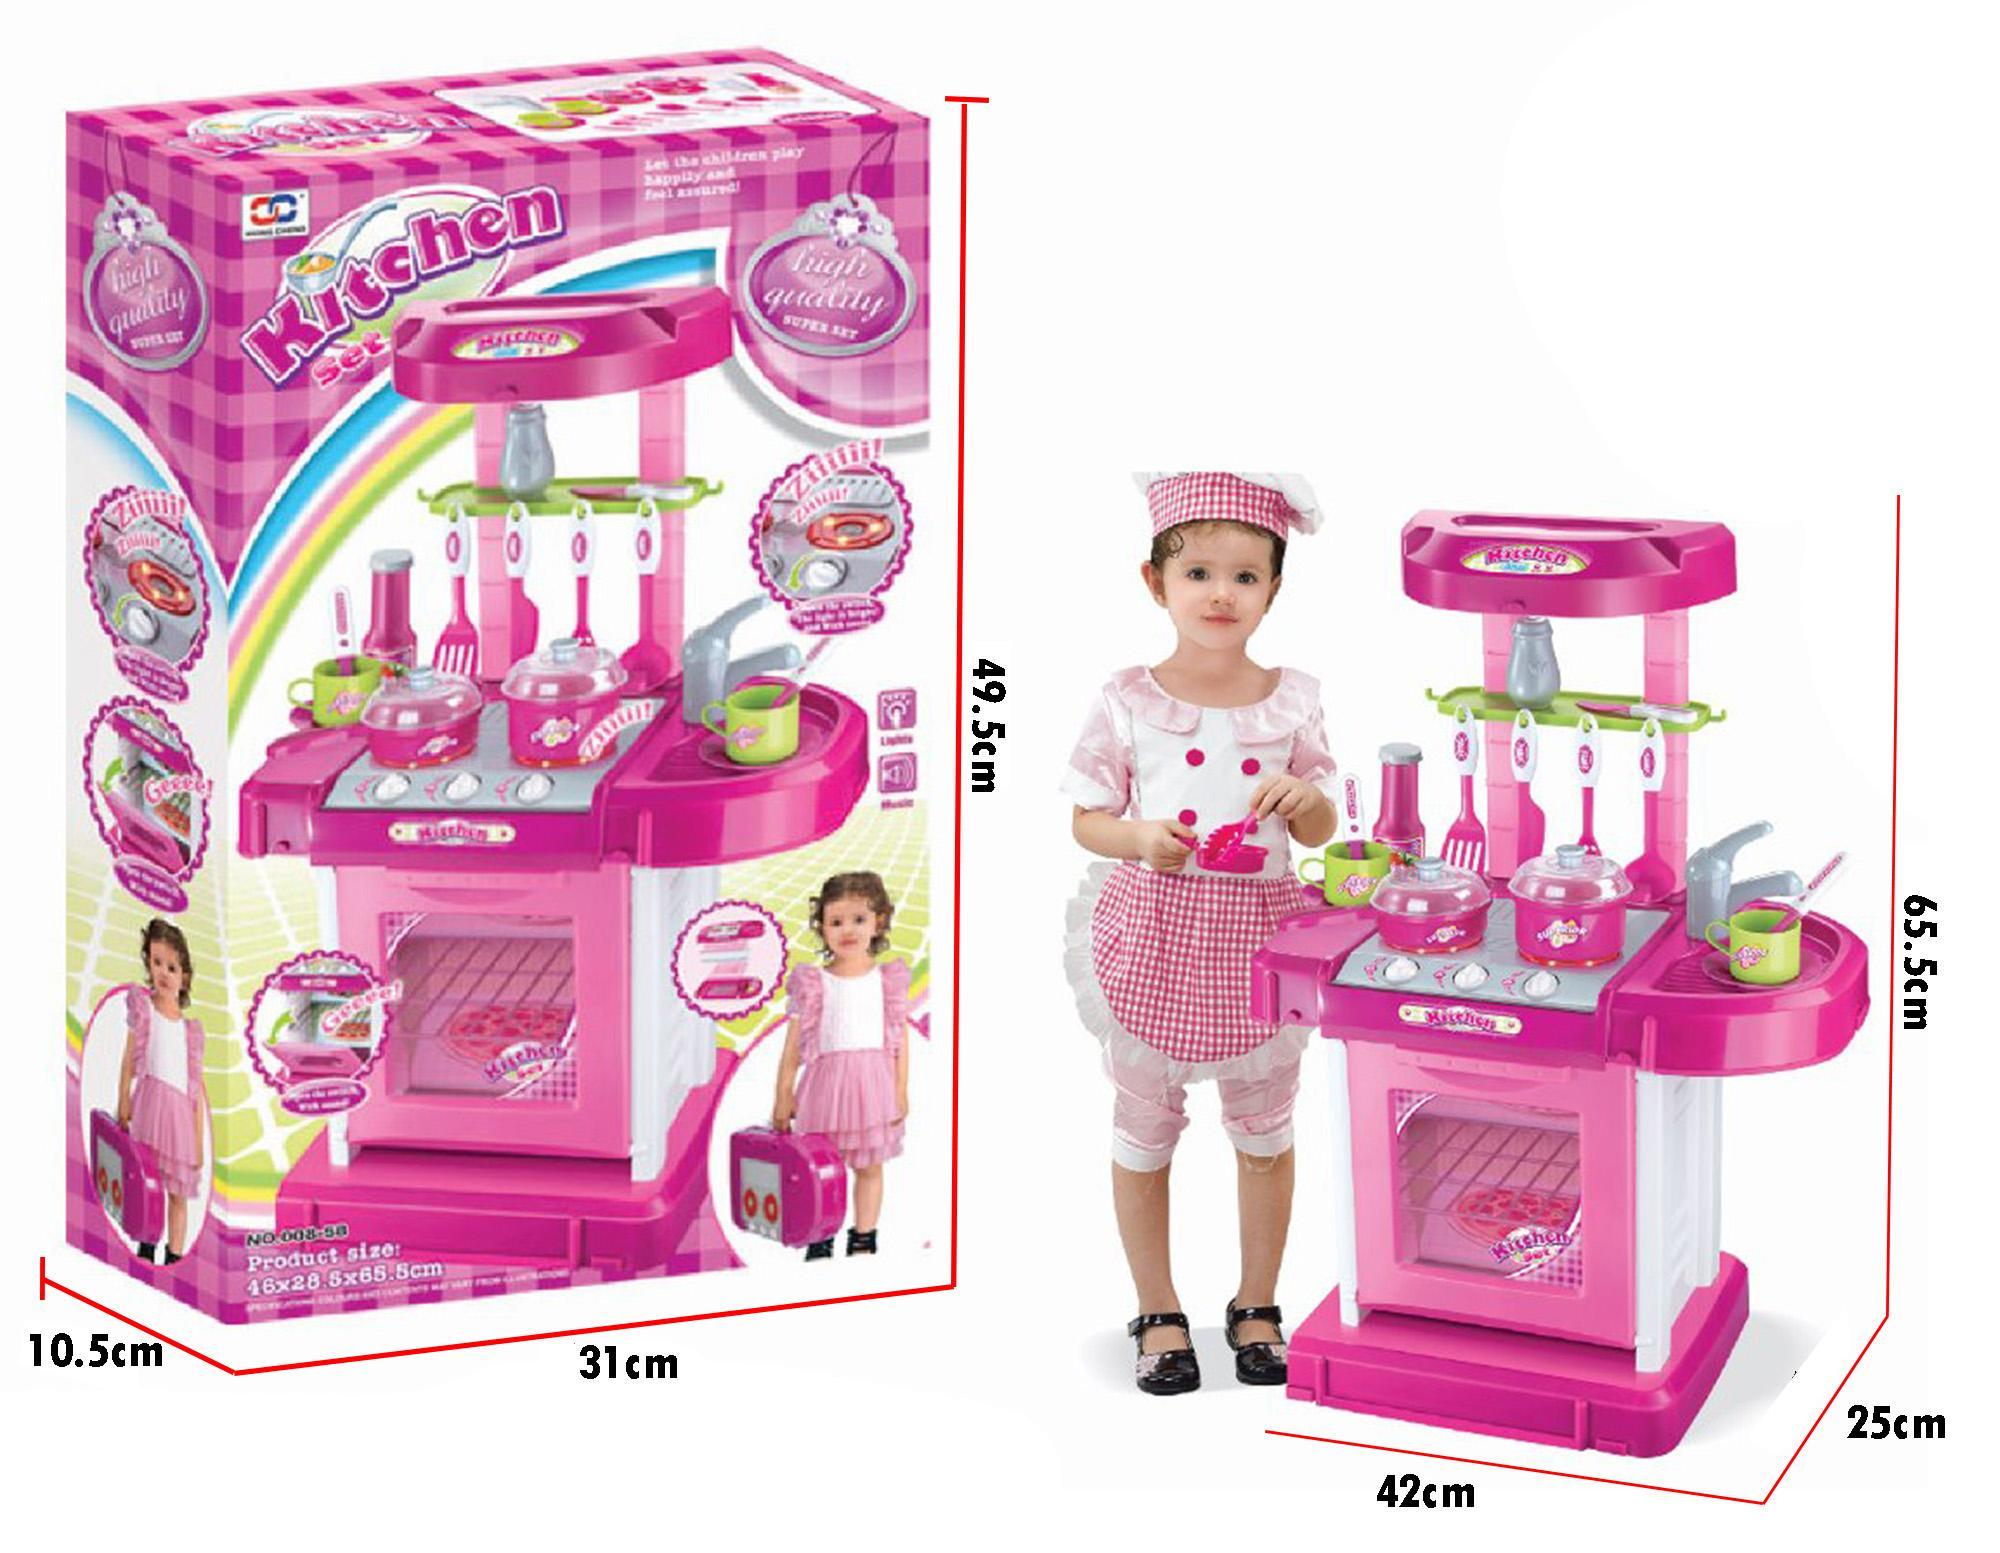 Dream Mainan Mainan Anak Kitchen Koper Pink Masak Masakan 2 In 1 B Kitchen Set Bisa Jadi Koper Pink Lazada Indonesia